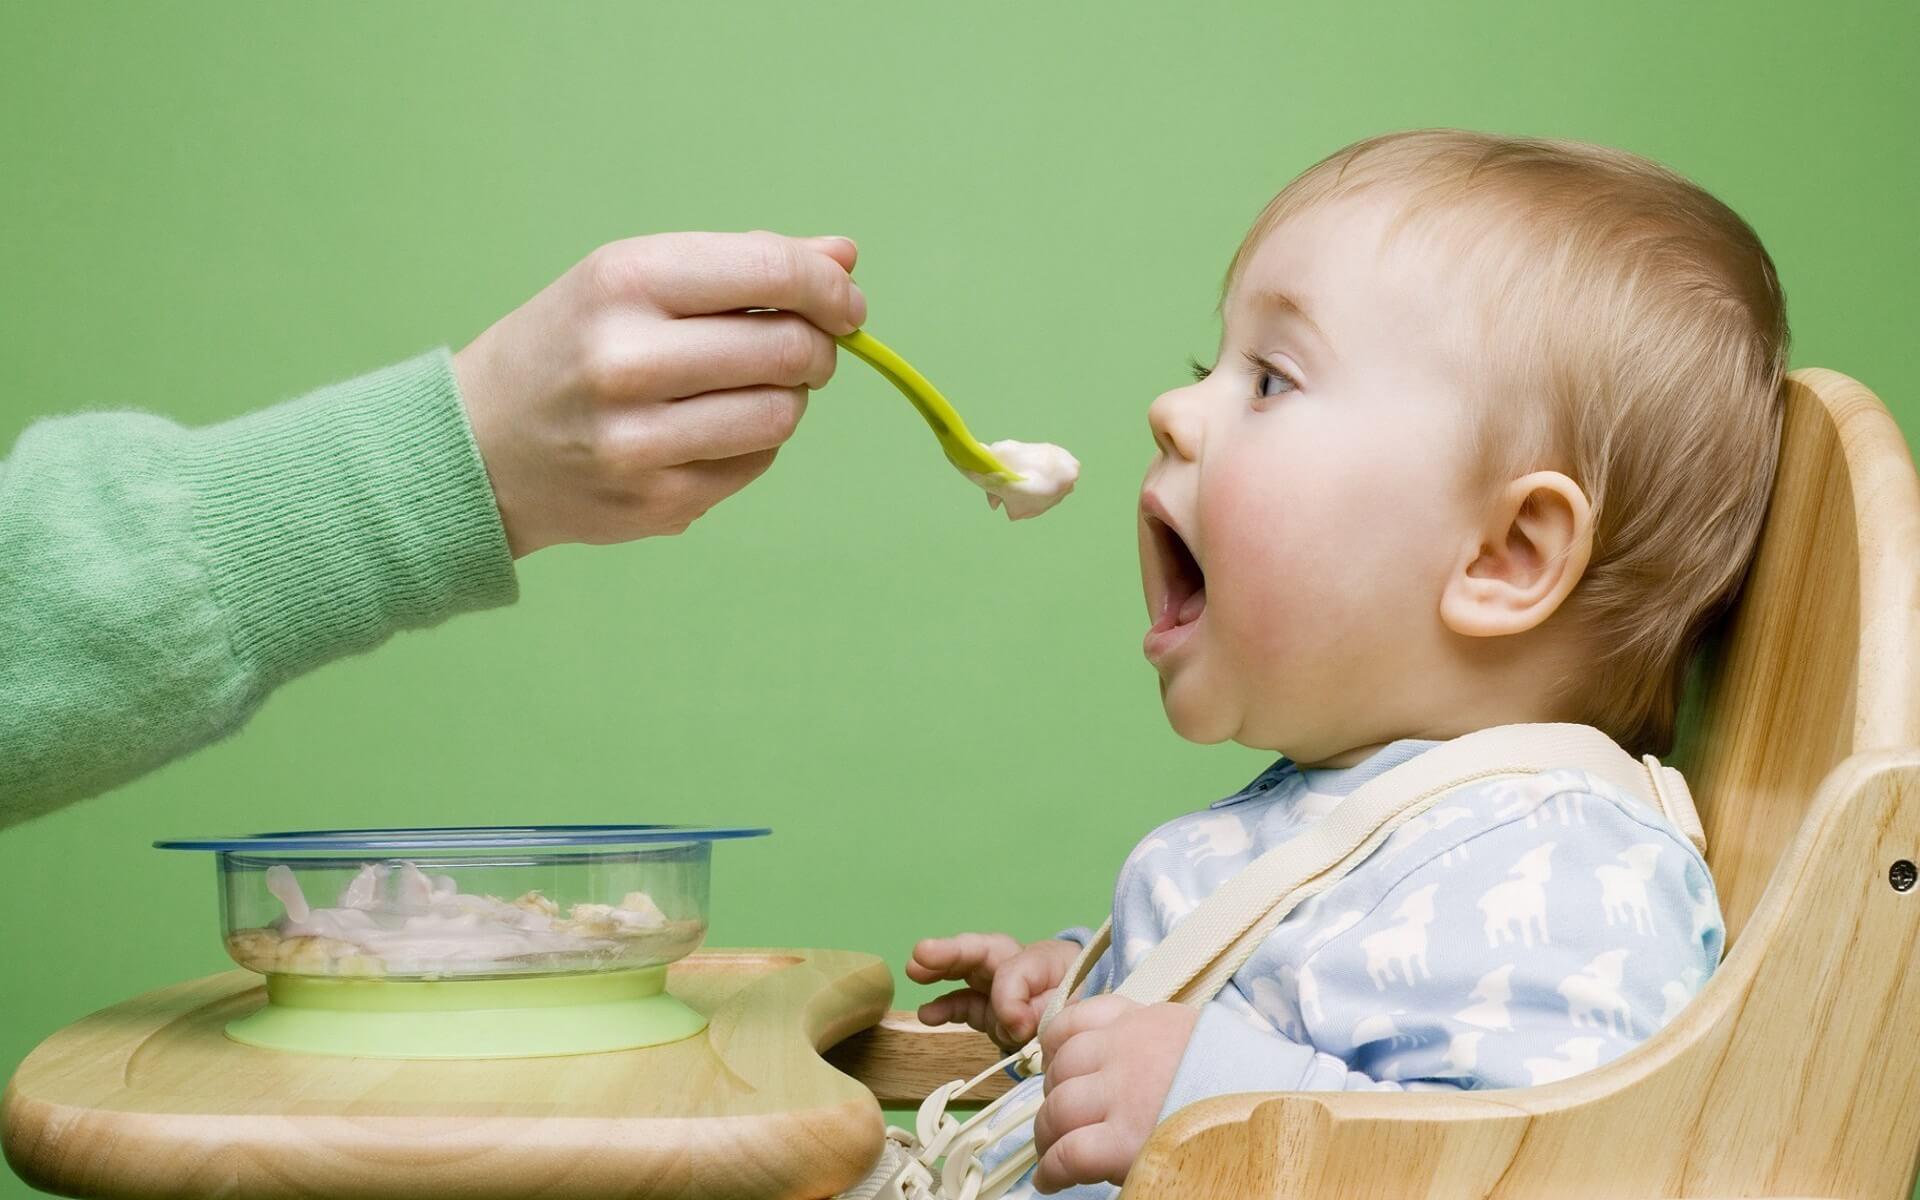 아기가 음식과 긍정적인 관계를 유지하도록 돕는 방법